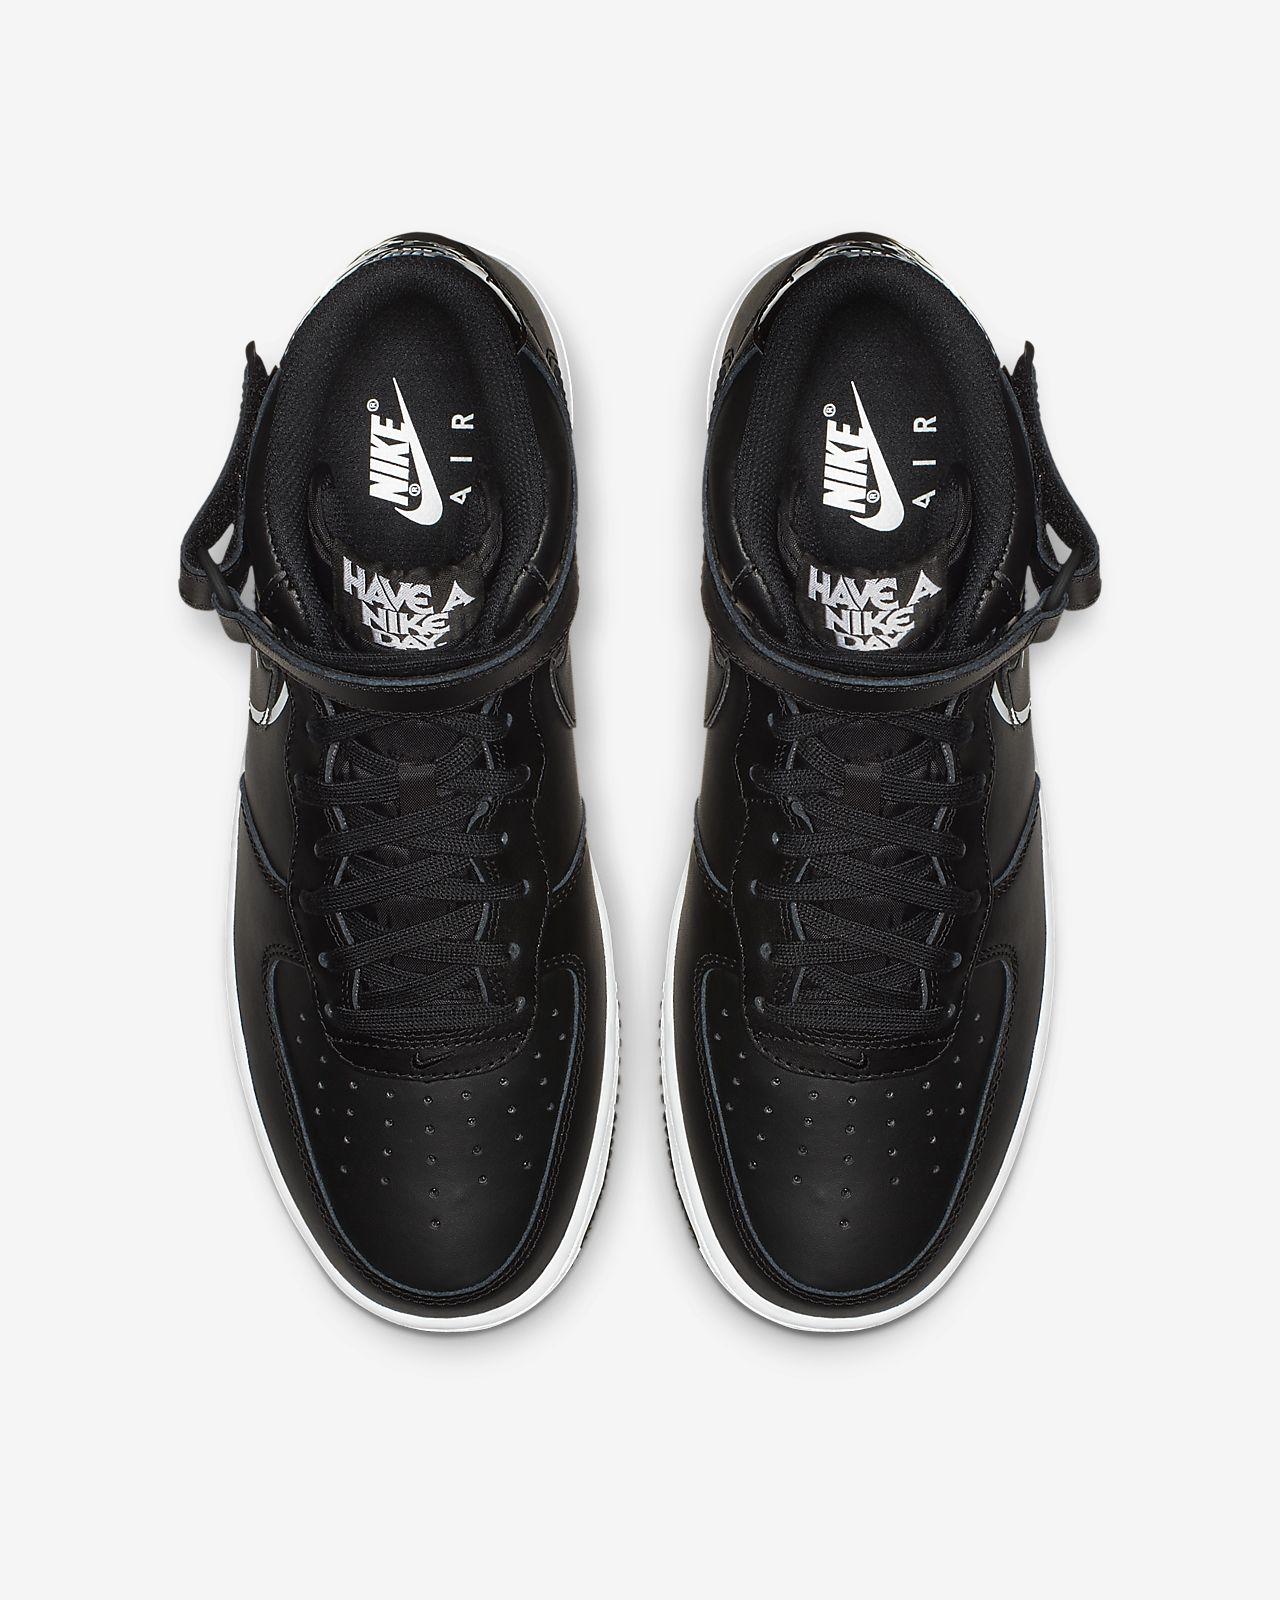 sale retailer 9f7d4 c2d1c ... Nike Air Force 1 Mid  07 LV8 2 Men s Shoe